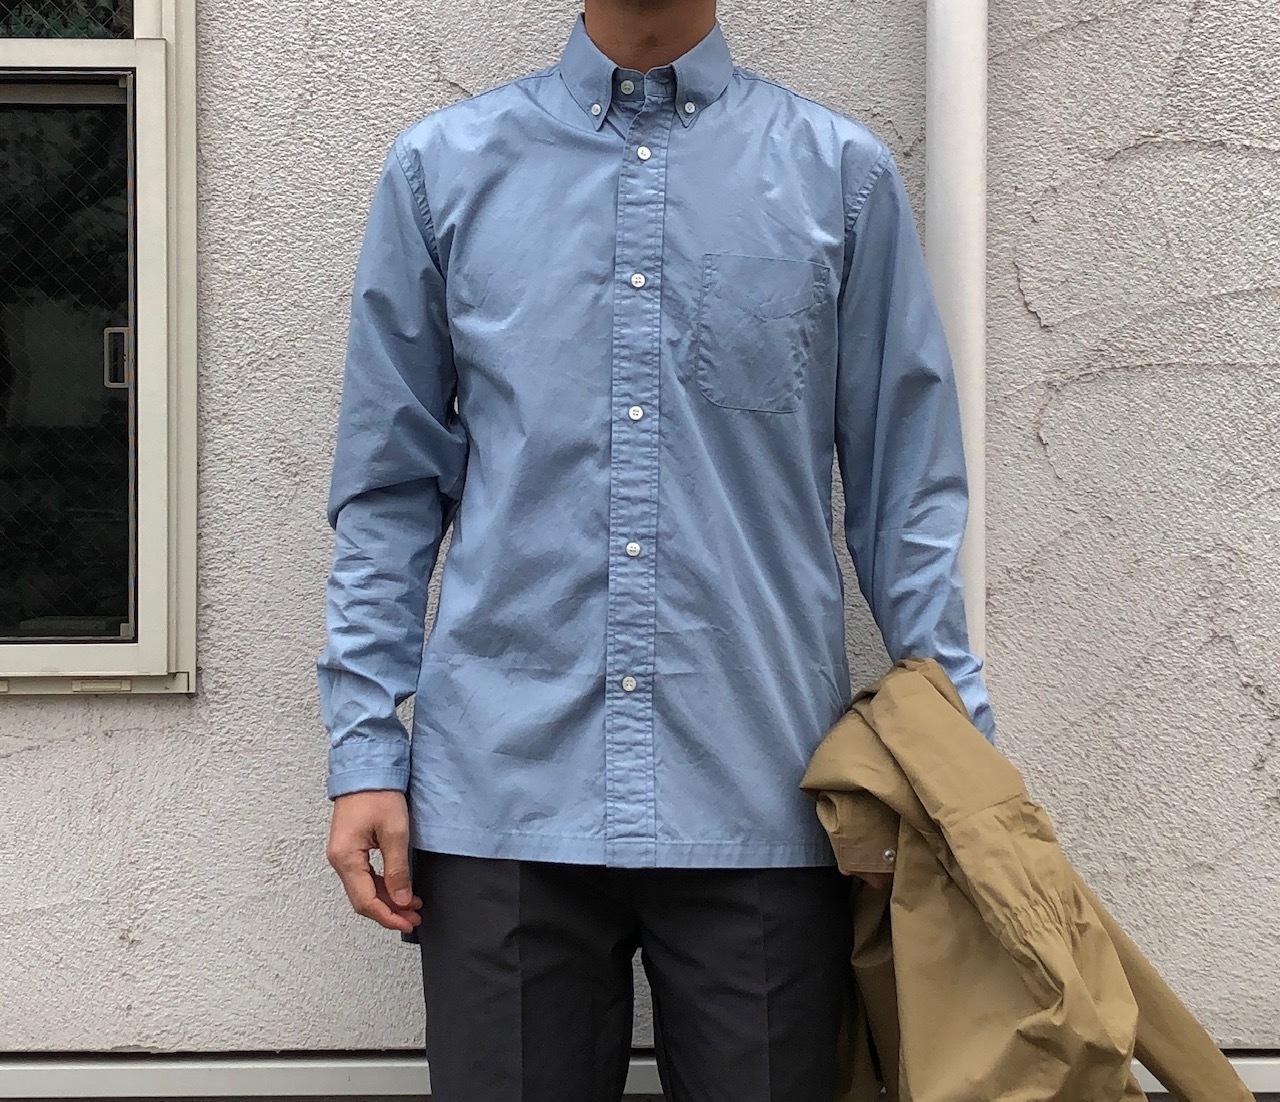 SETTO 春に着たいBDシャツ_d0334060_17532002.jpg